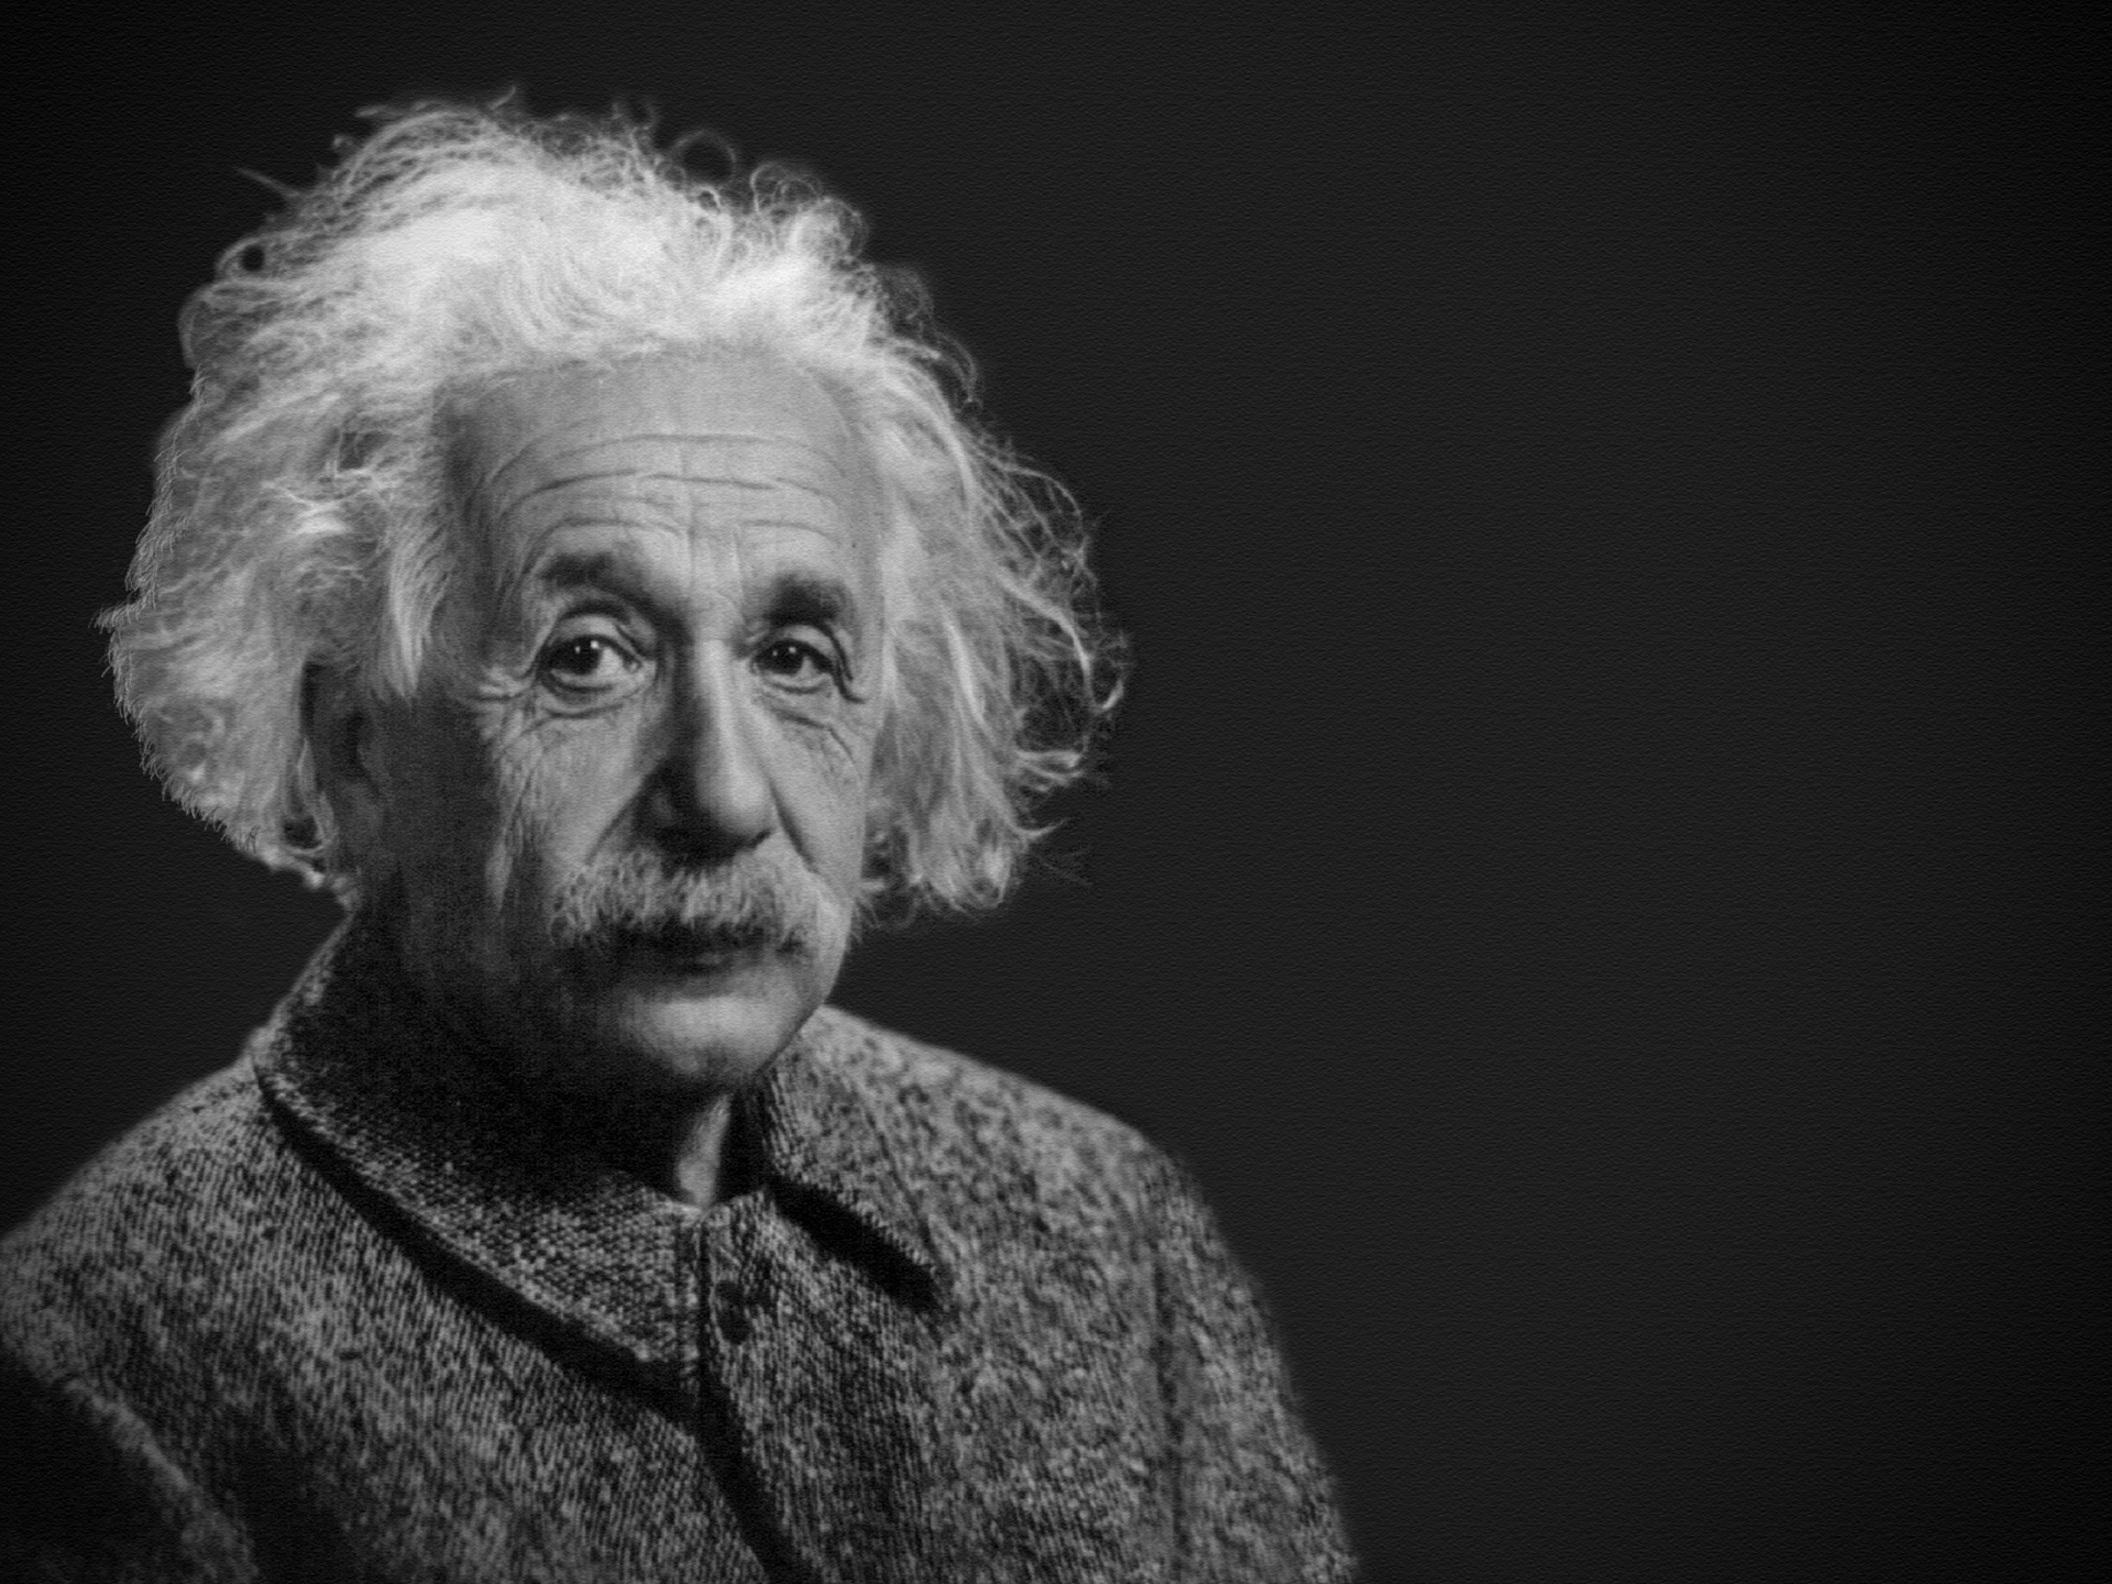 140 anos de Albert Einstein: a ciência antes e depois do gênio